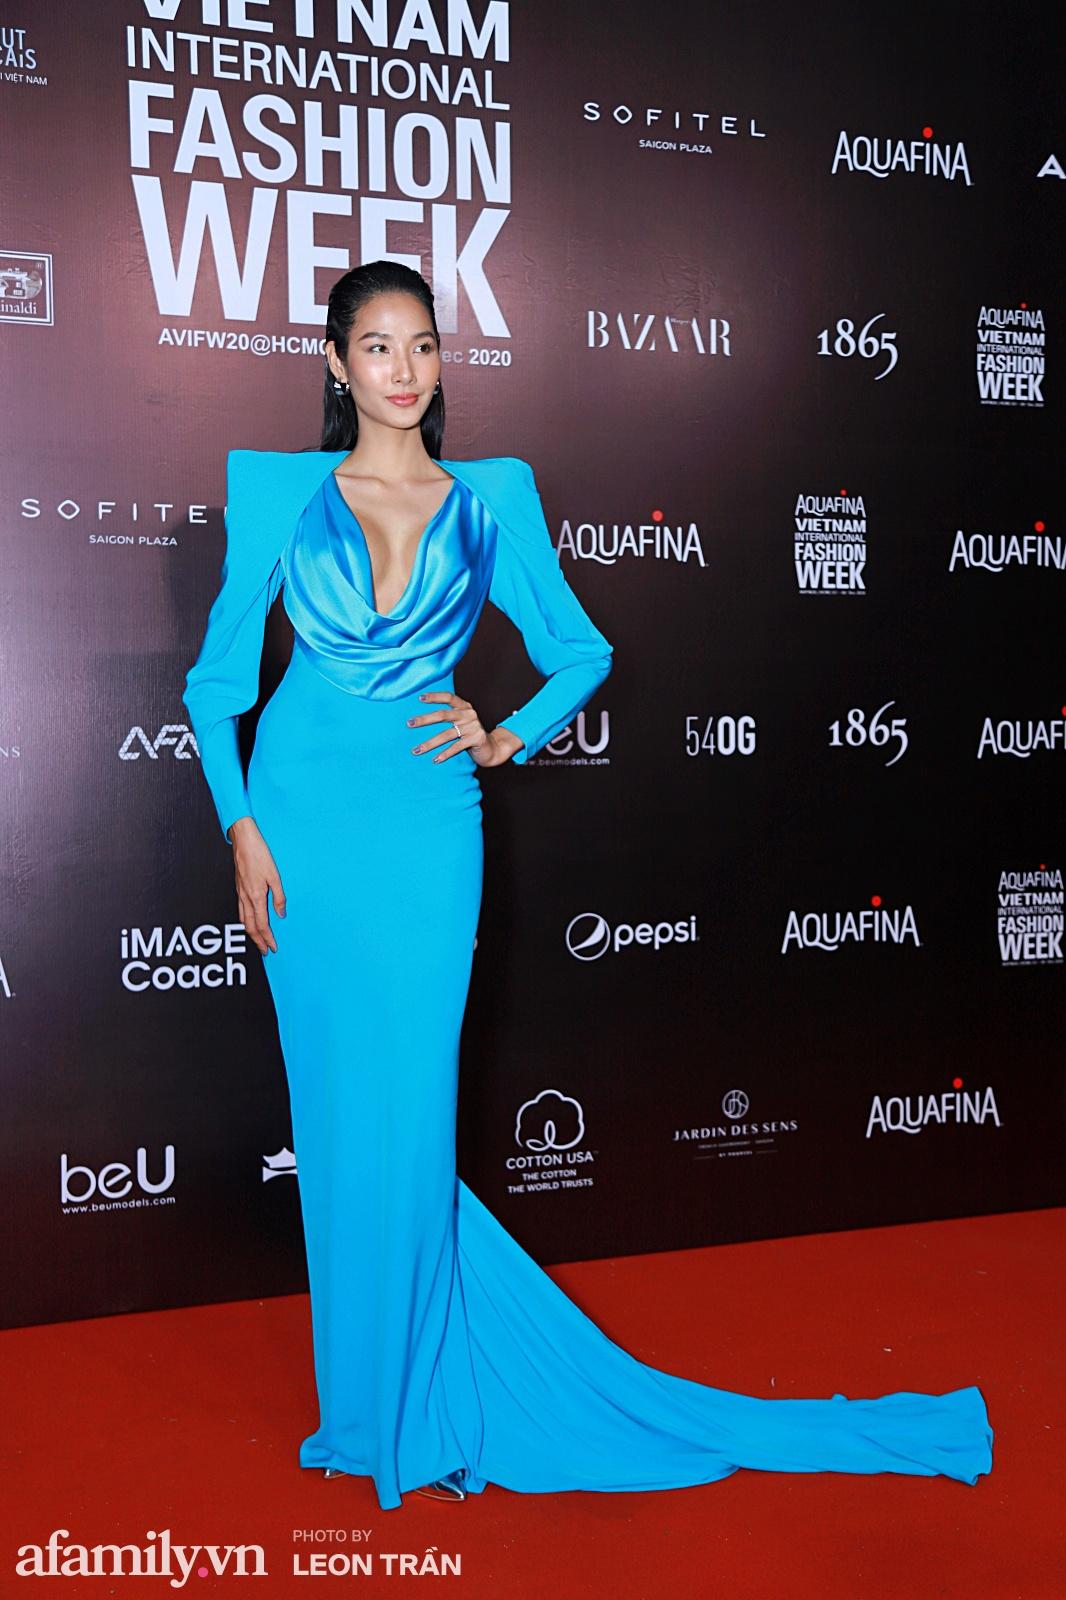 """15 bộ cánh chiêu trò nhất thảm đỏ Aquafina Vietnam International Fashion Week 2020: Sexy táo bạo vẫn chưa là gì với những pha """"chặt chém"""" ác liệt dưới đây - Ảnh 13."""